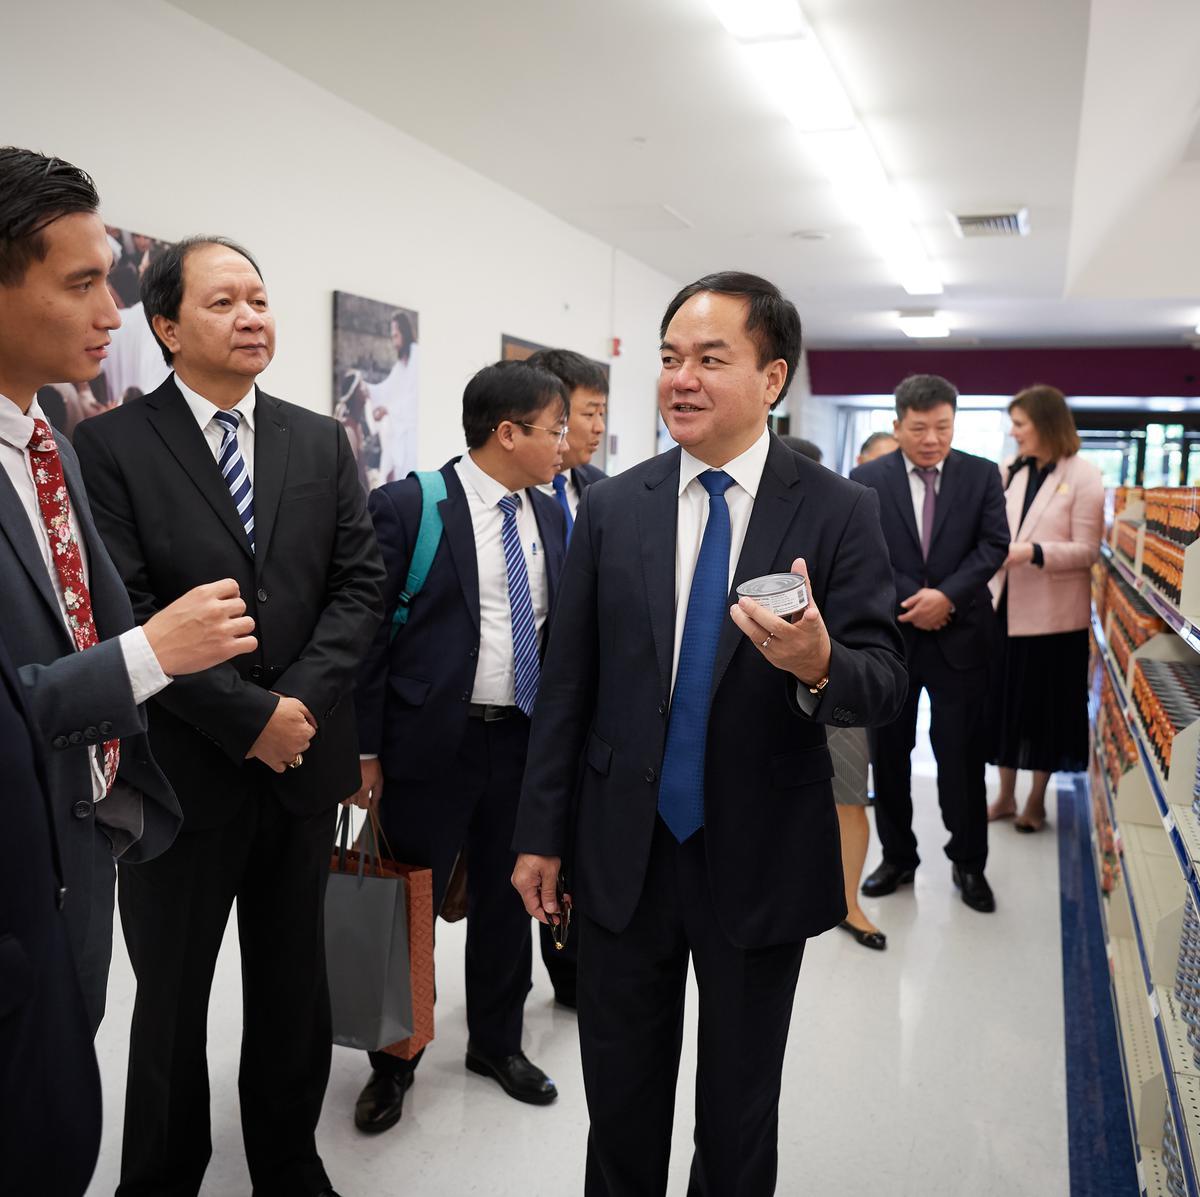 นายหวูเจี๊ยนถัง ประธานคณะกรรมการศาสนาของเวียดนาม ถืออาหารกระป๋อง ที่คลังอธิการของศาสนจักร ณ ศูนย์สวัสดิการ ในซอลท์เลคซิตี้